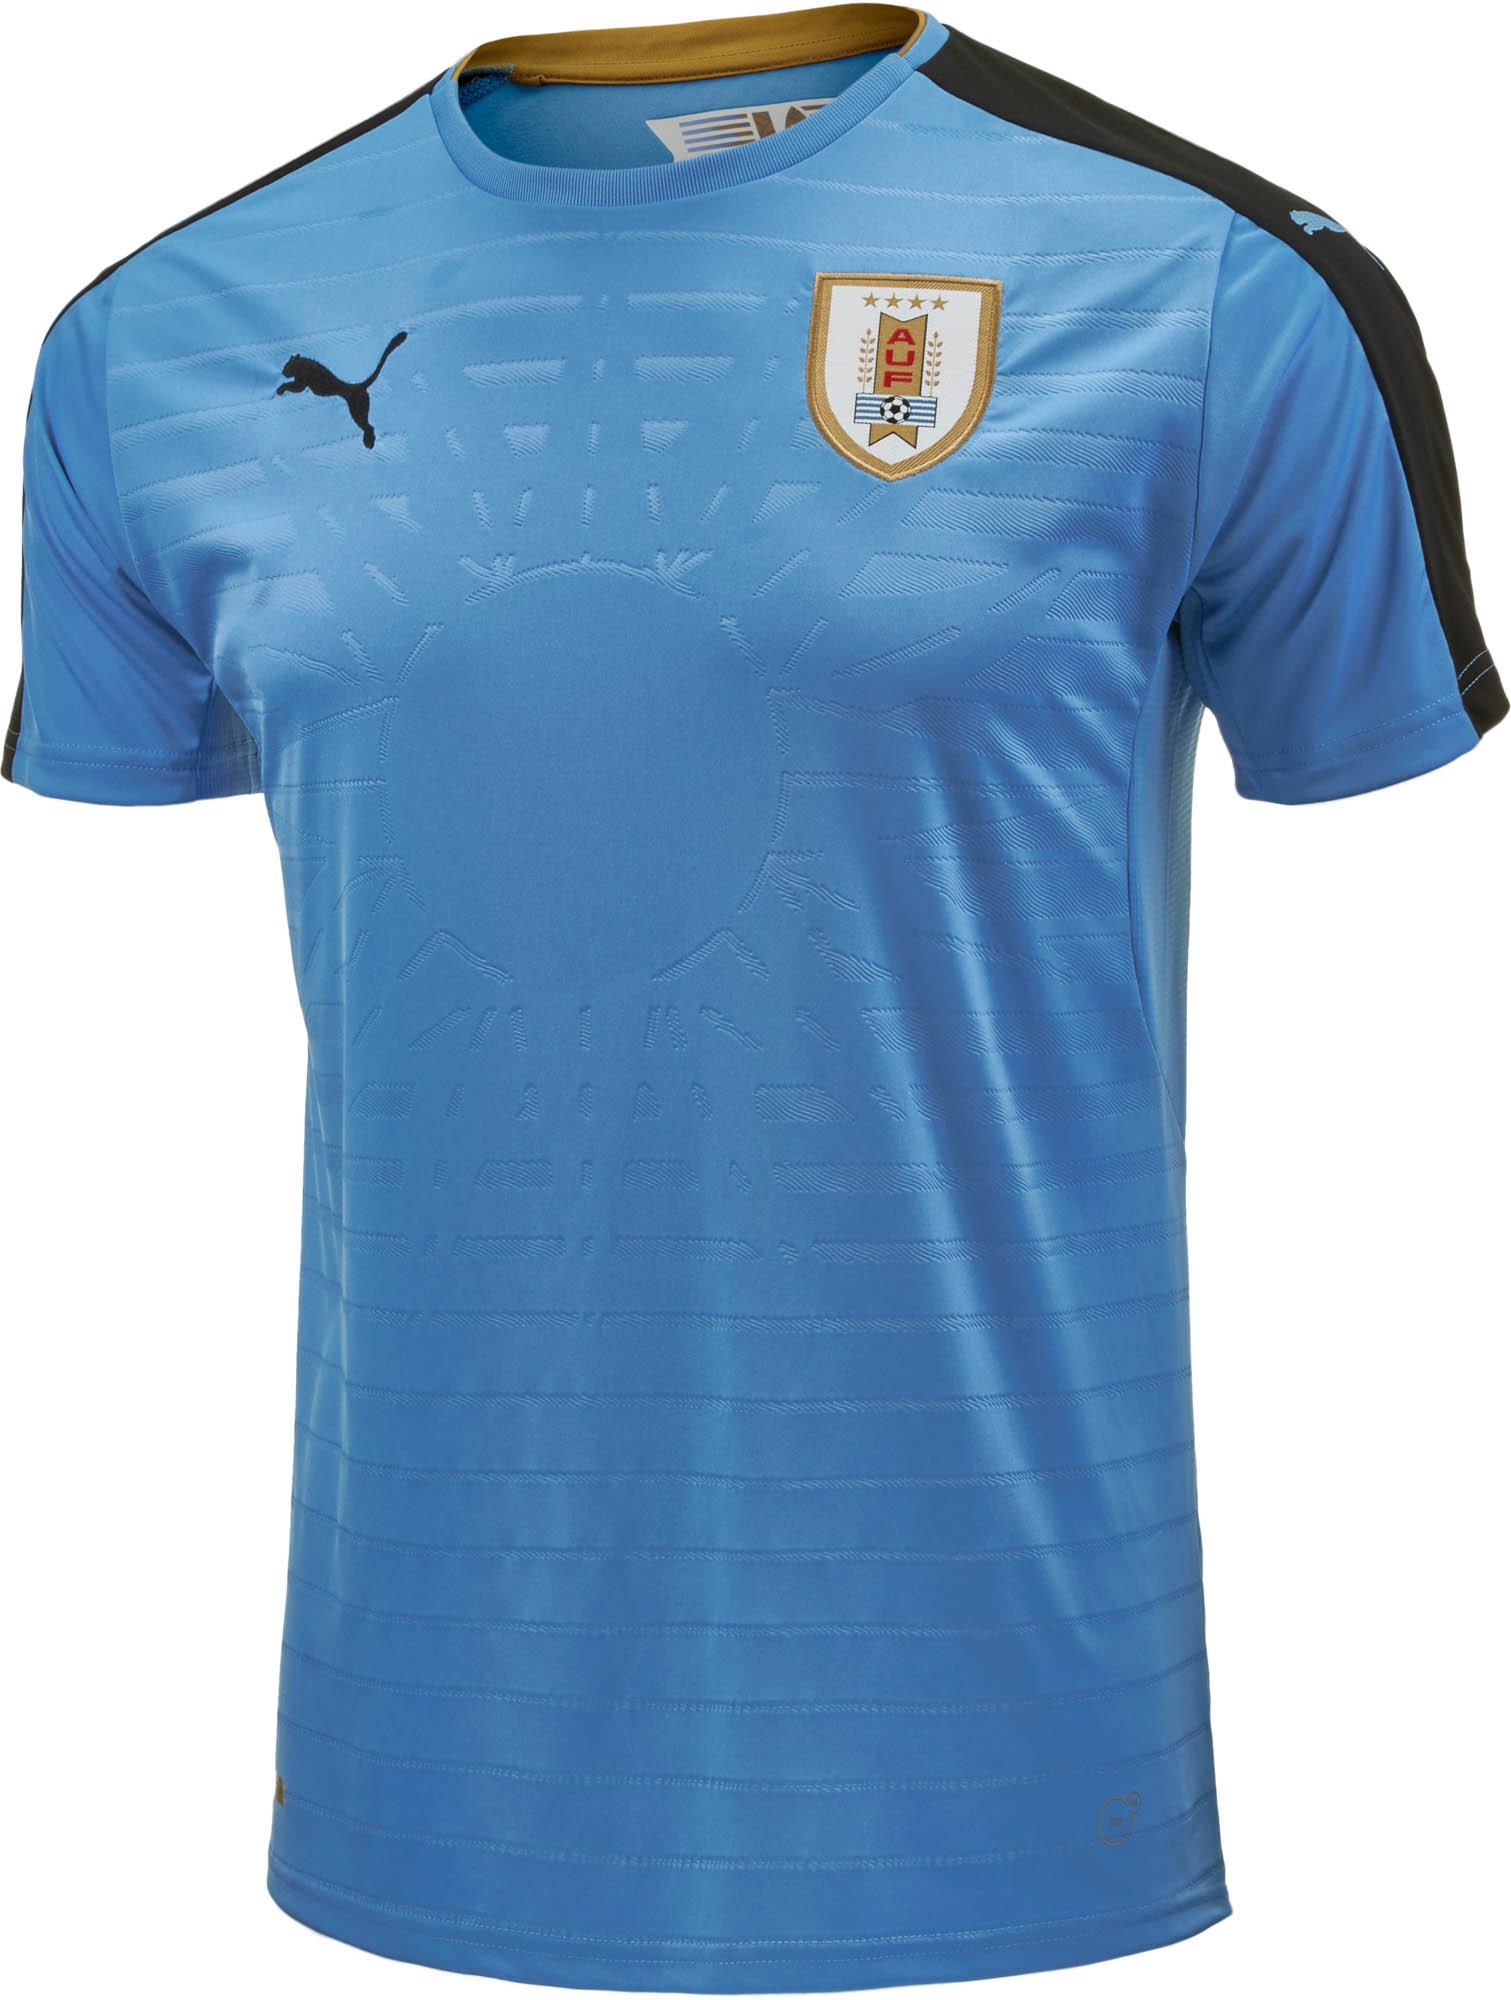 Puma Uruguay Home Jersey - 2016 Uruguay Soccer Jerseys 95222c546